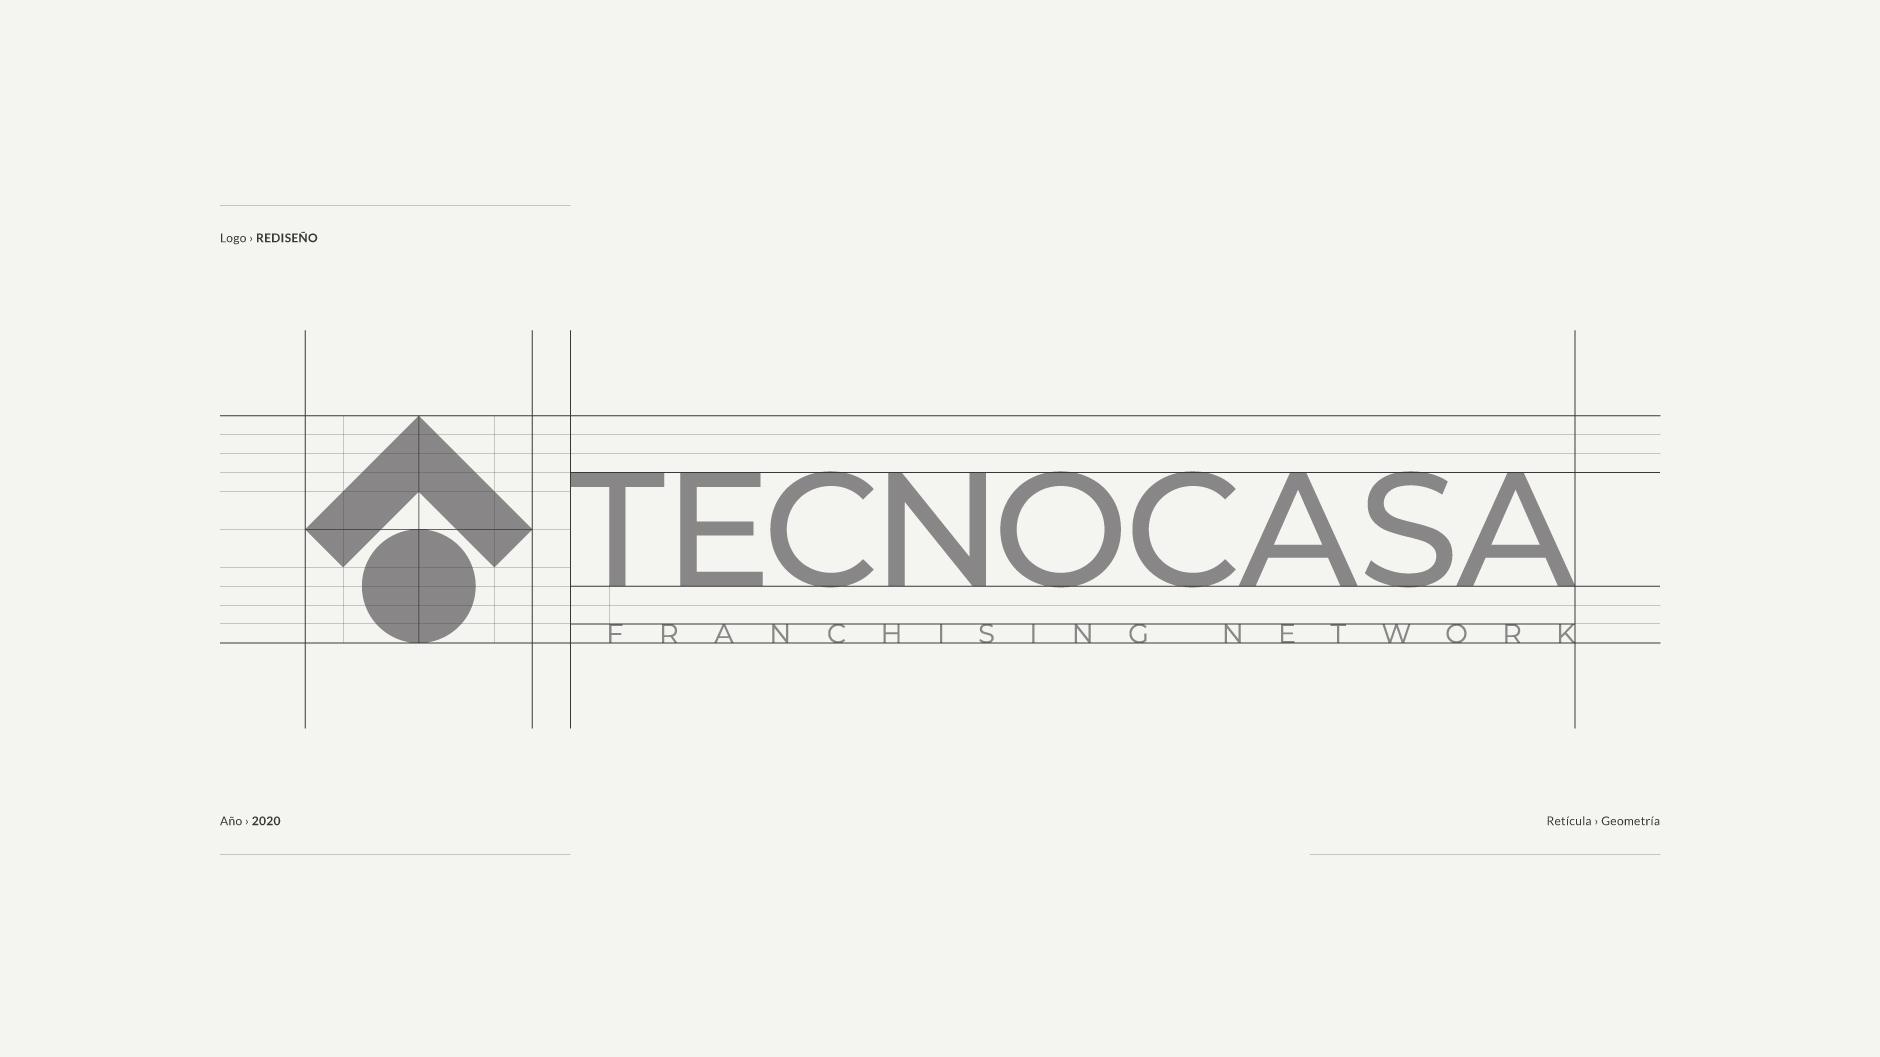 Diseño de Logotipo Tecnocasa Logo - tabarestabares